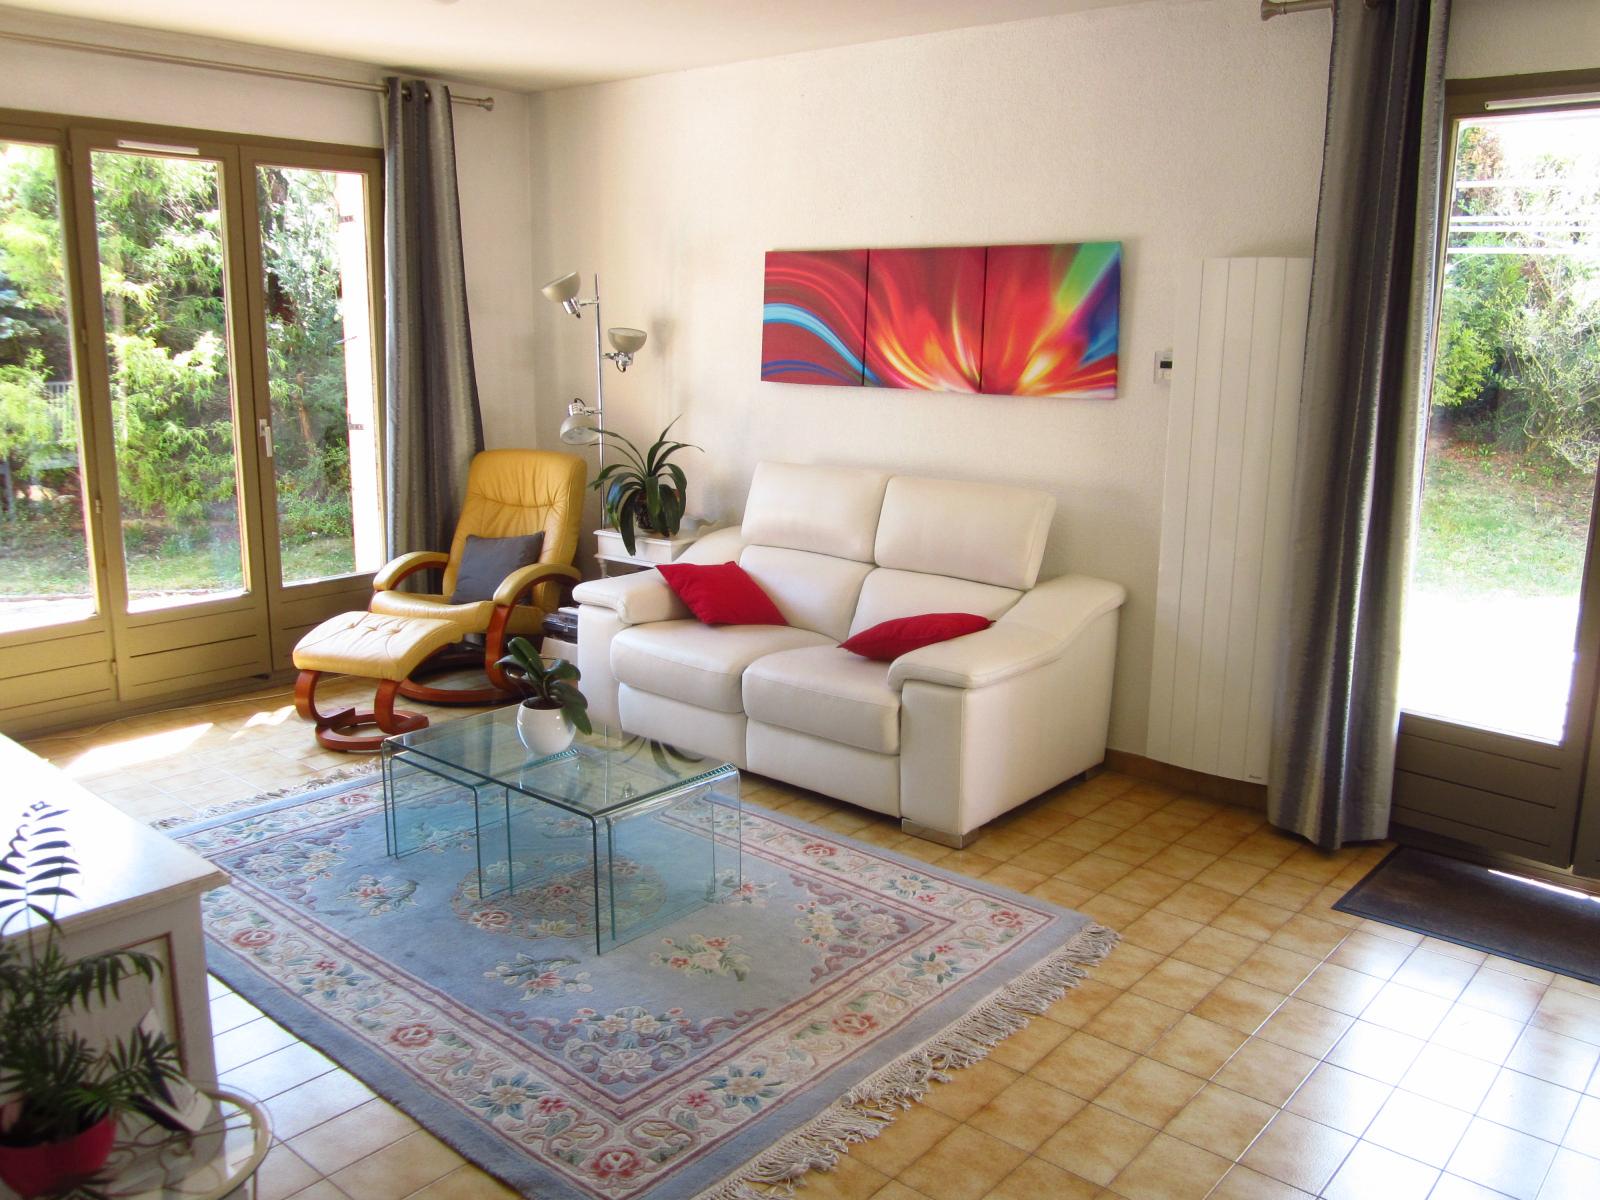 EXCLUSIVITE St Julien-en-Genevois Maison mitoyenne d'un côté idéalement située...SOUS COMPROMIS